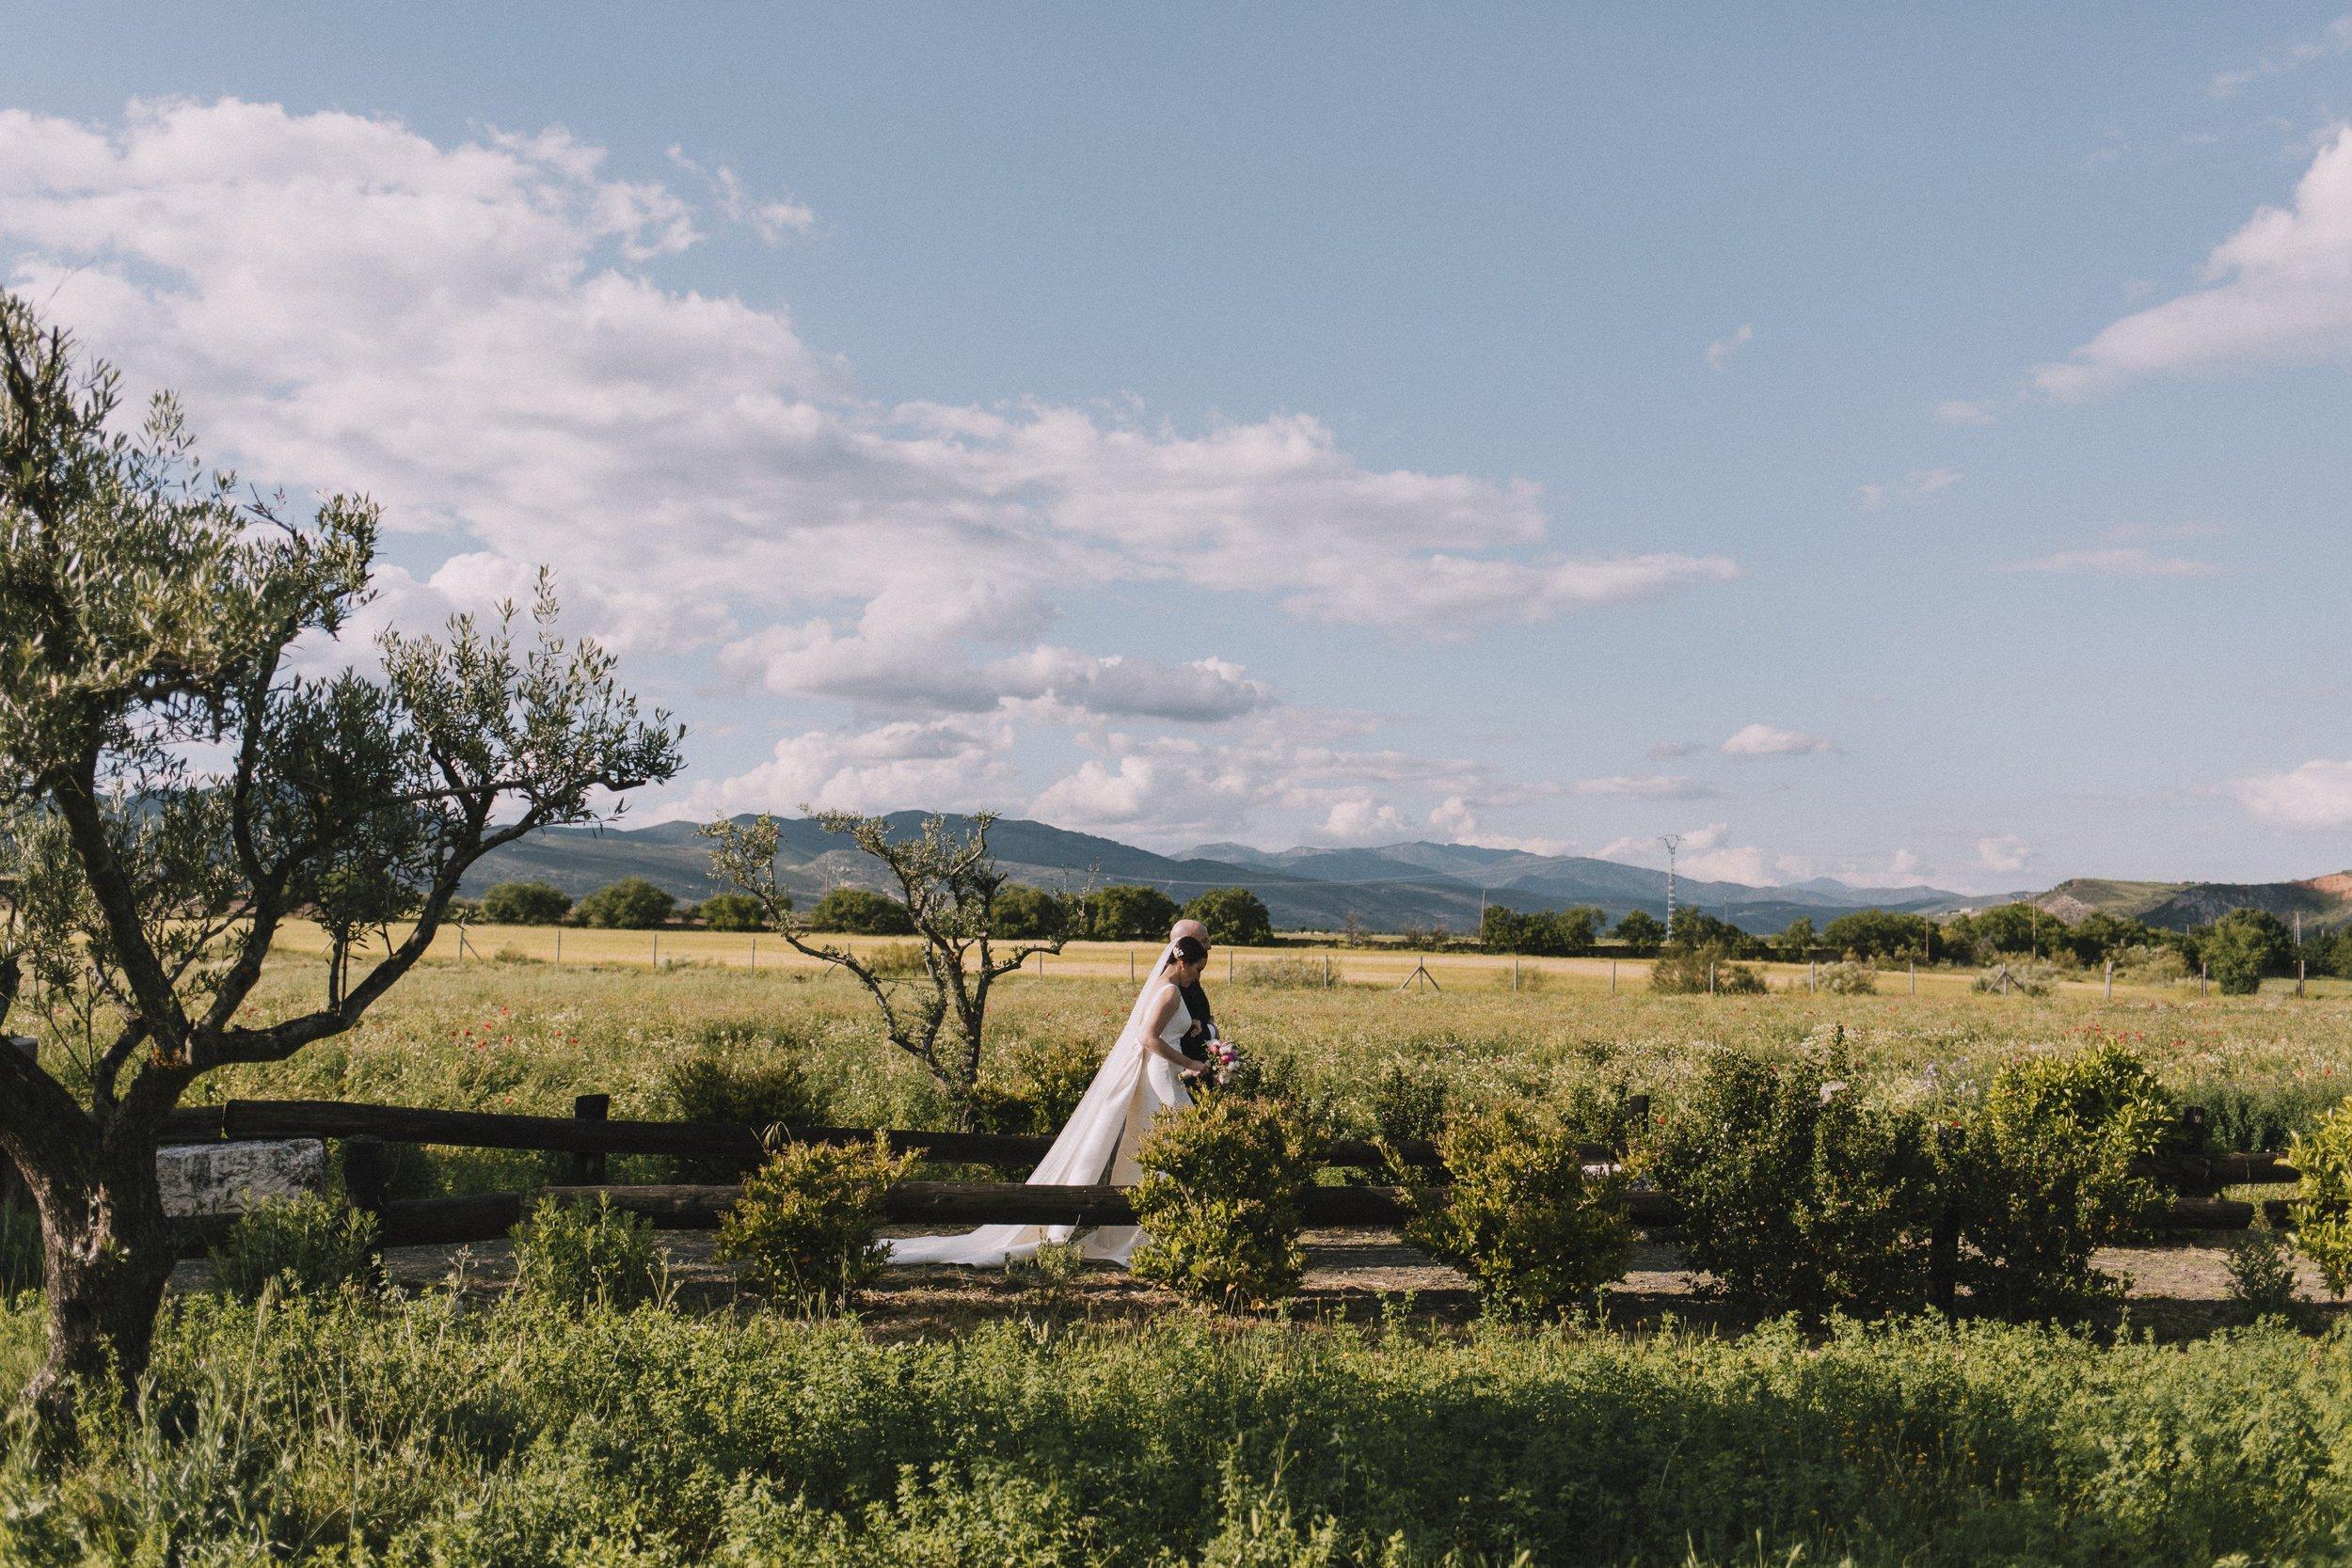 boda-finca-casa-oficios-cyc-0373.jpg